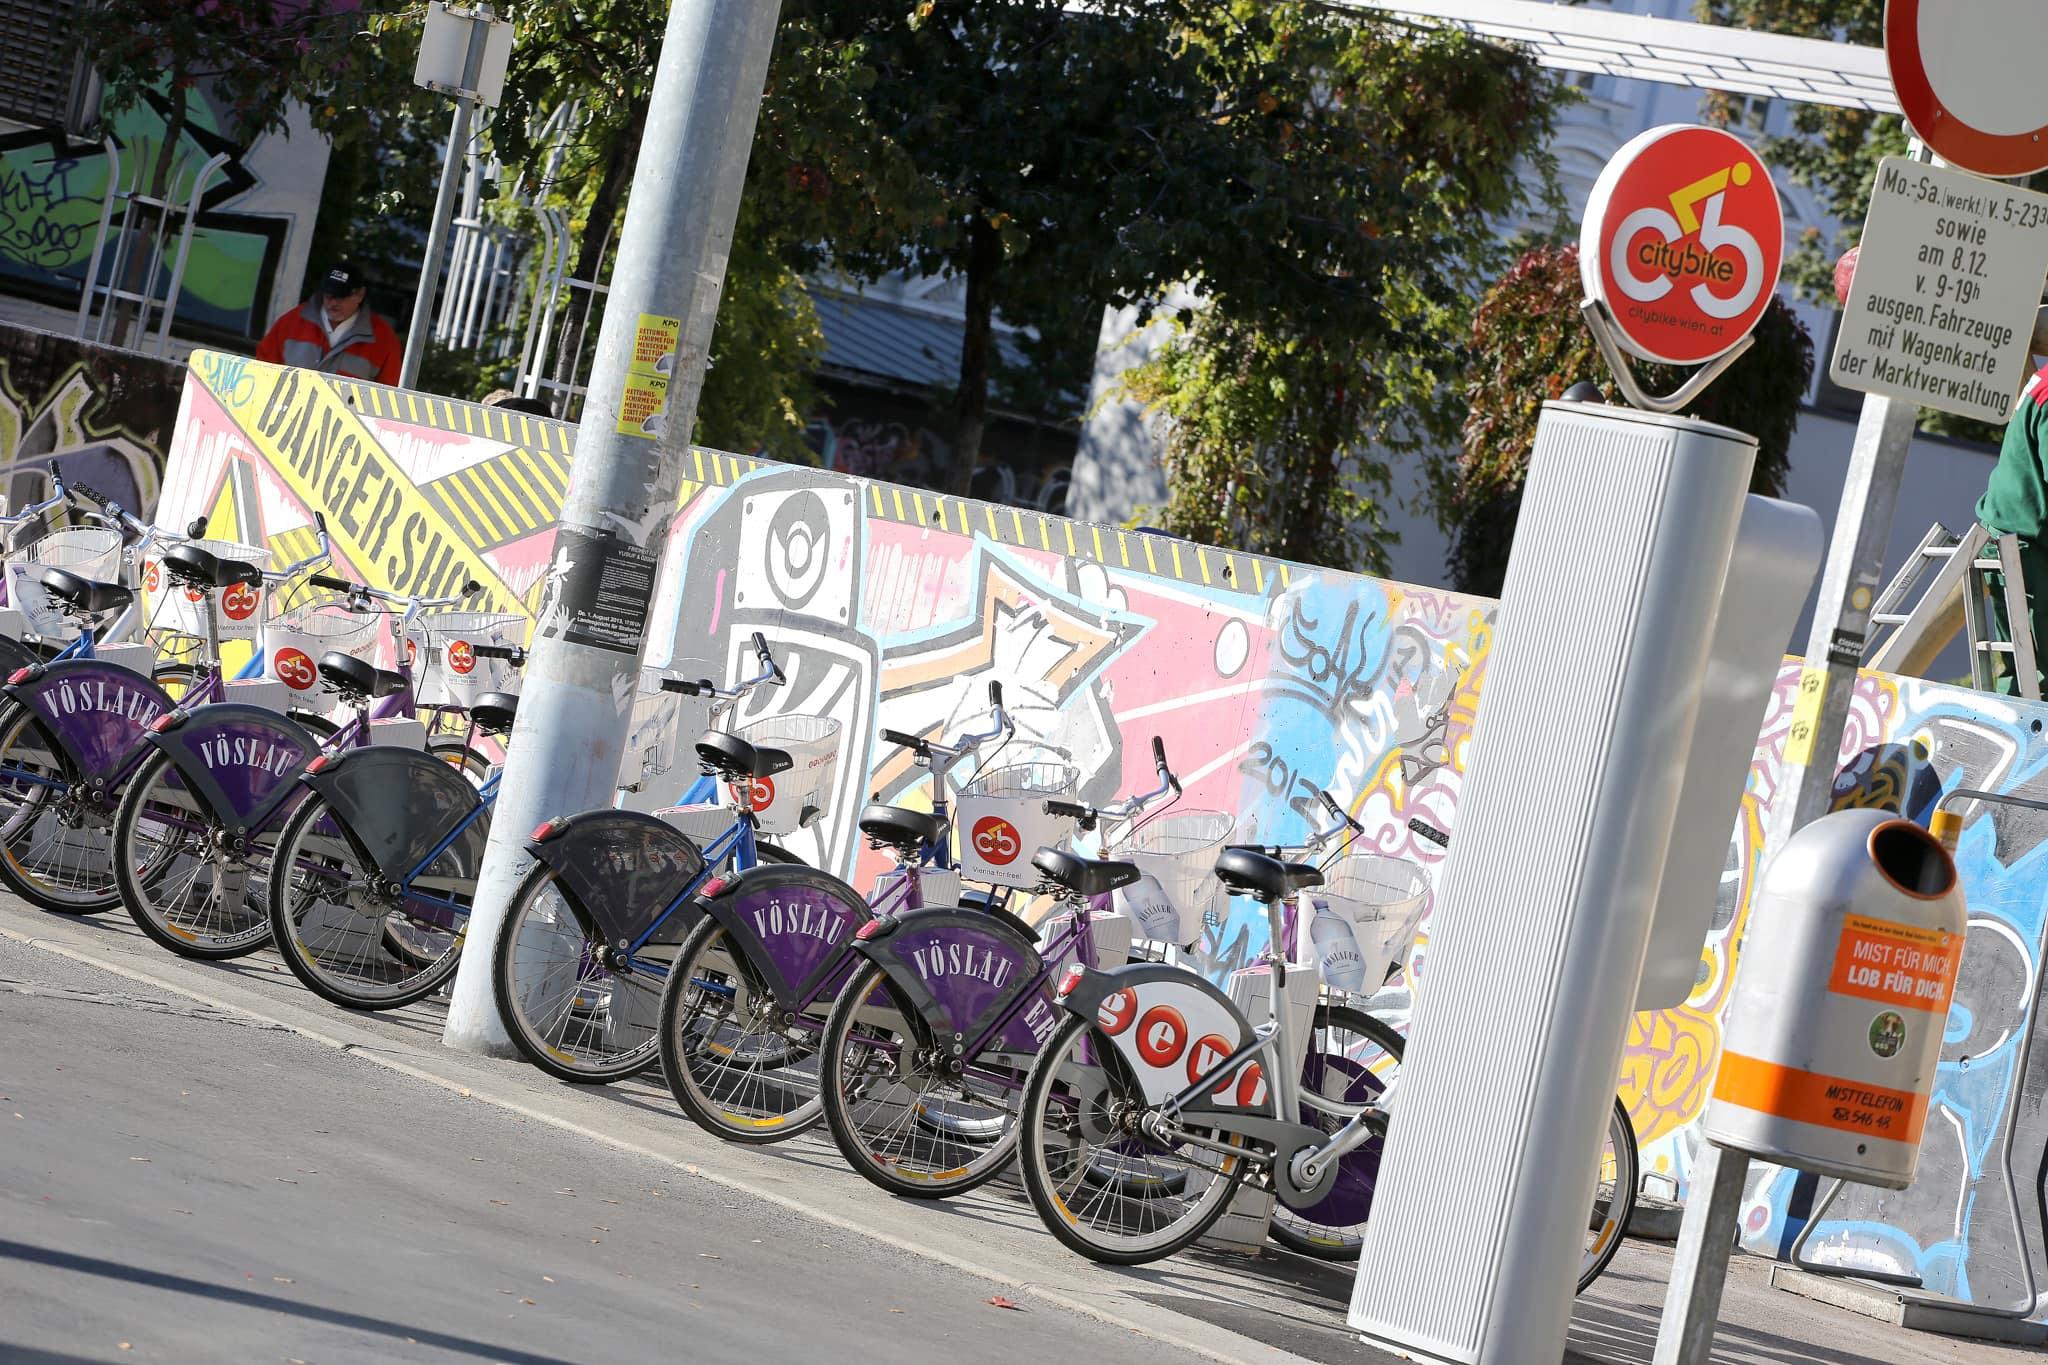 Räder stehen bei der City-Bike Mietstation.